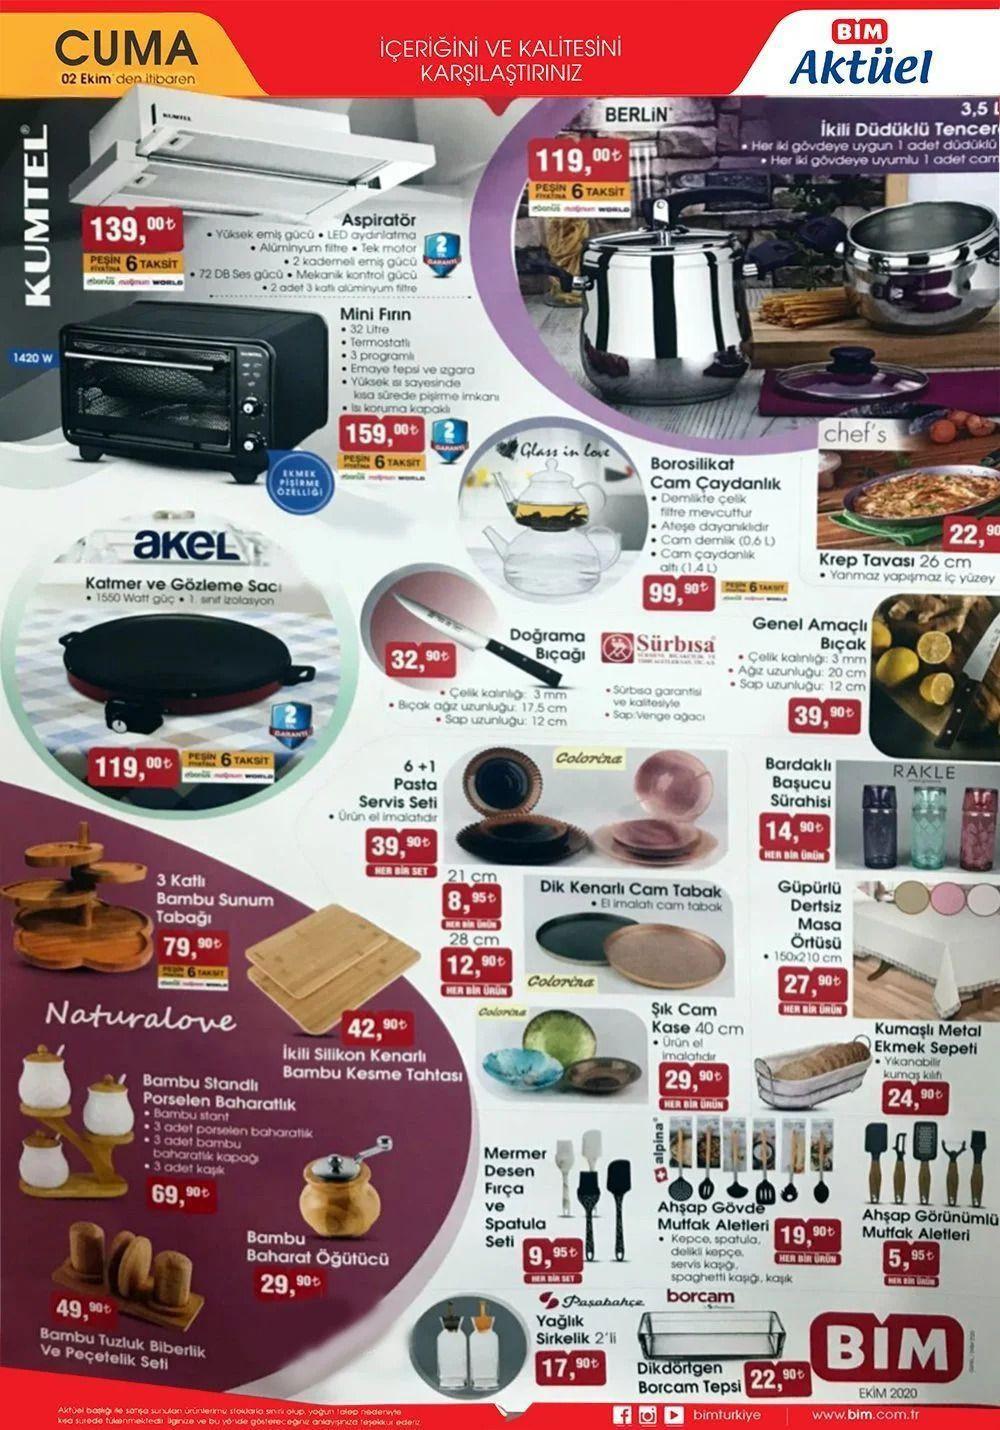 2 Ekim 2020 Cuma BİM indirimli ürünler! BİM katalog fiyat listesi - Sayfa 1